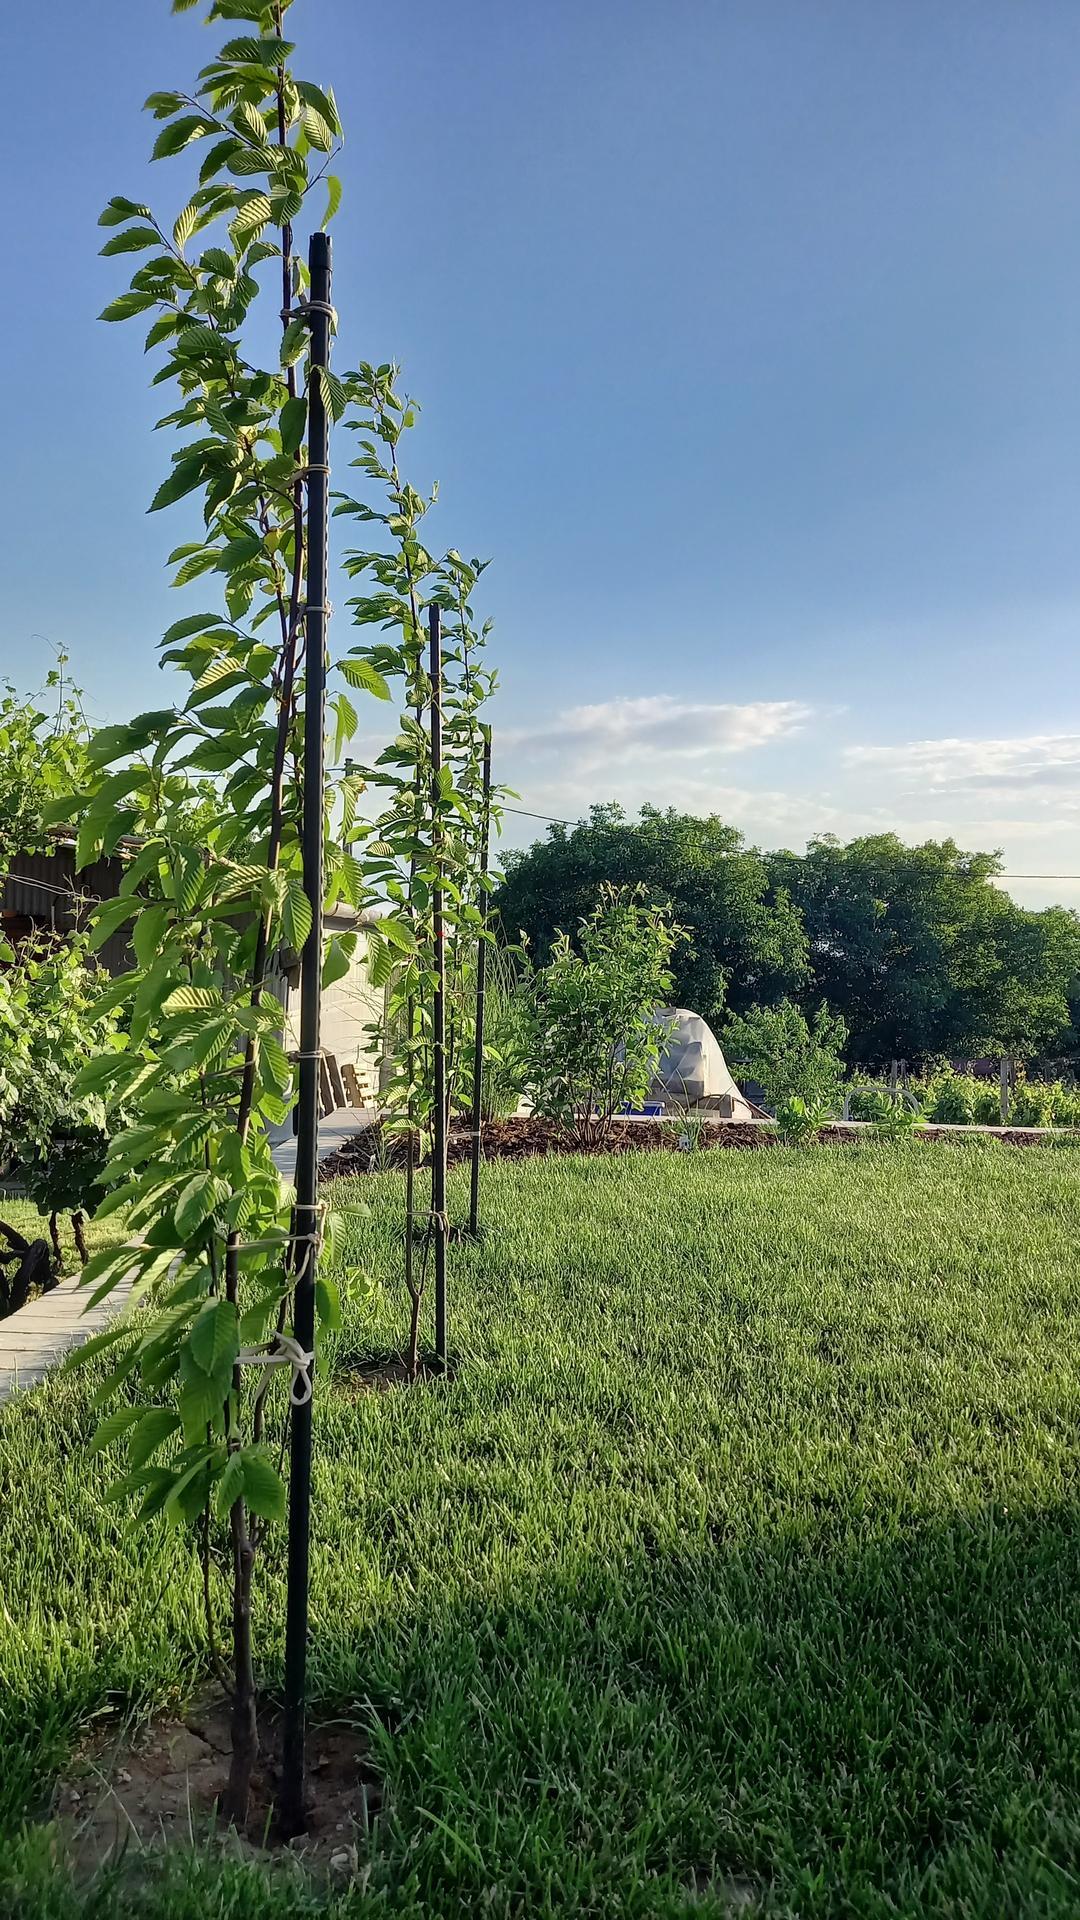 Zahrada - 3 hrabiky,vzadu muchovniky